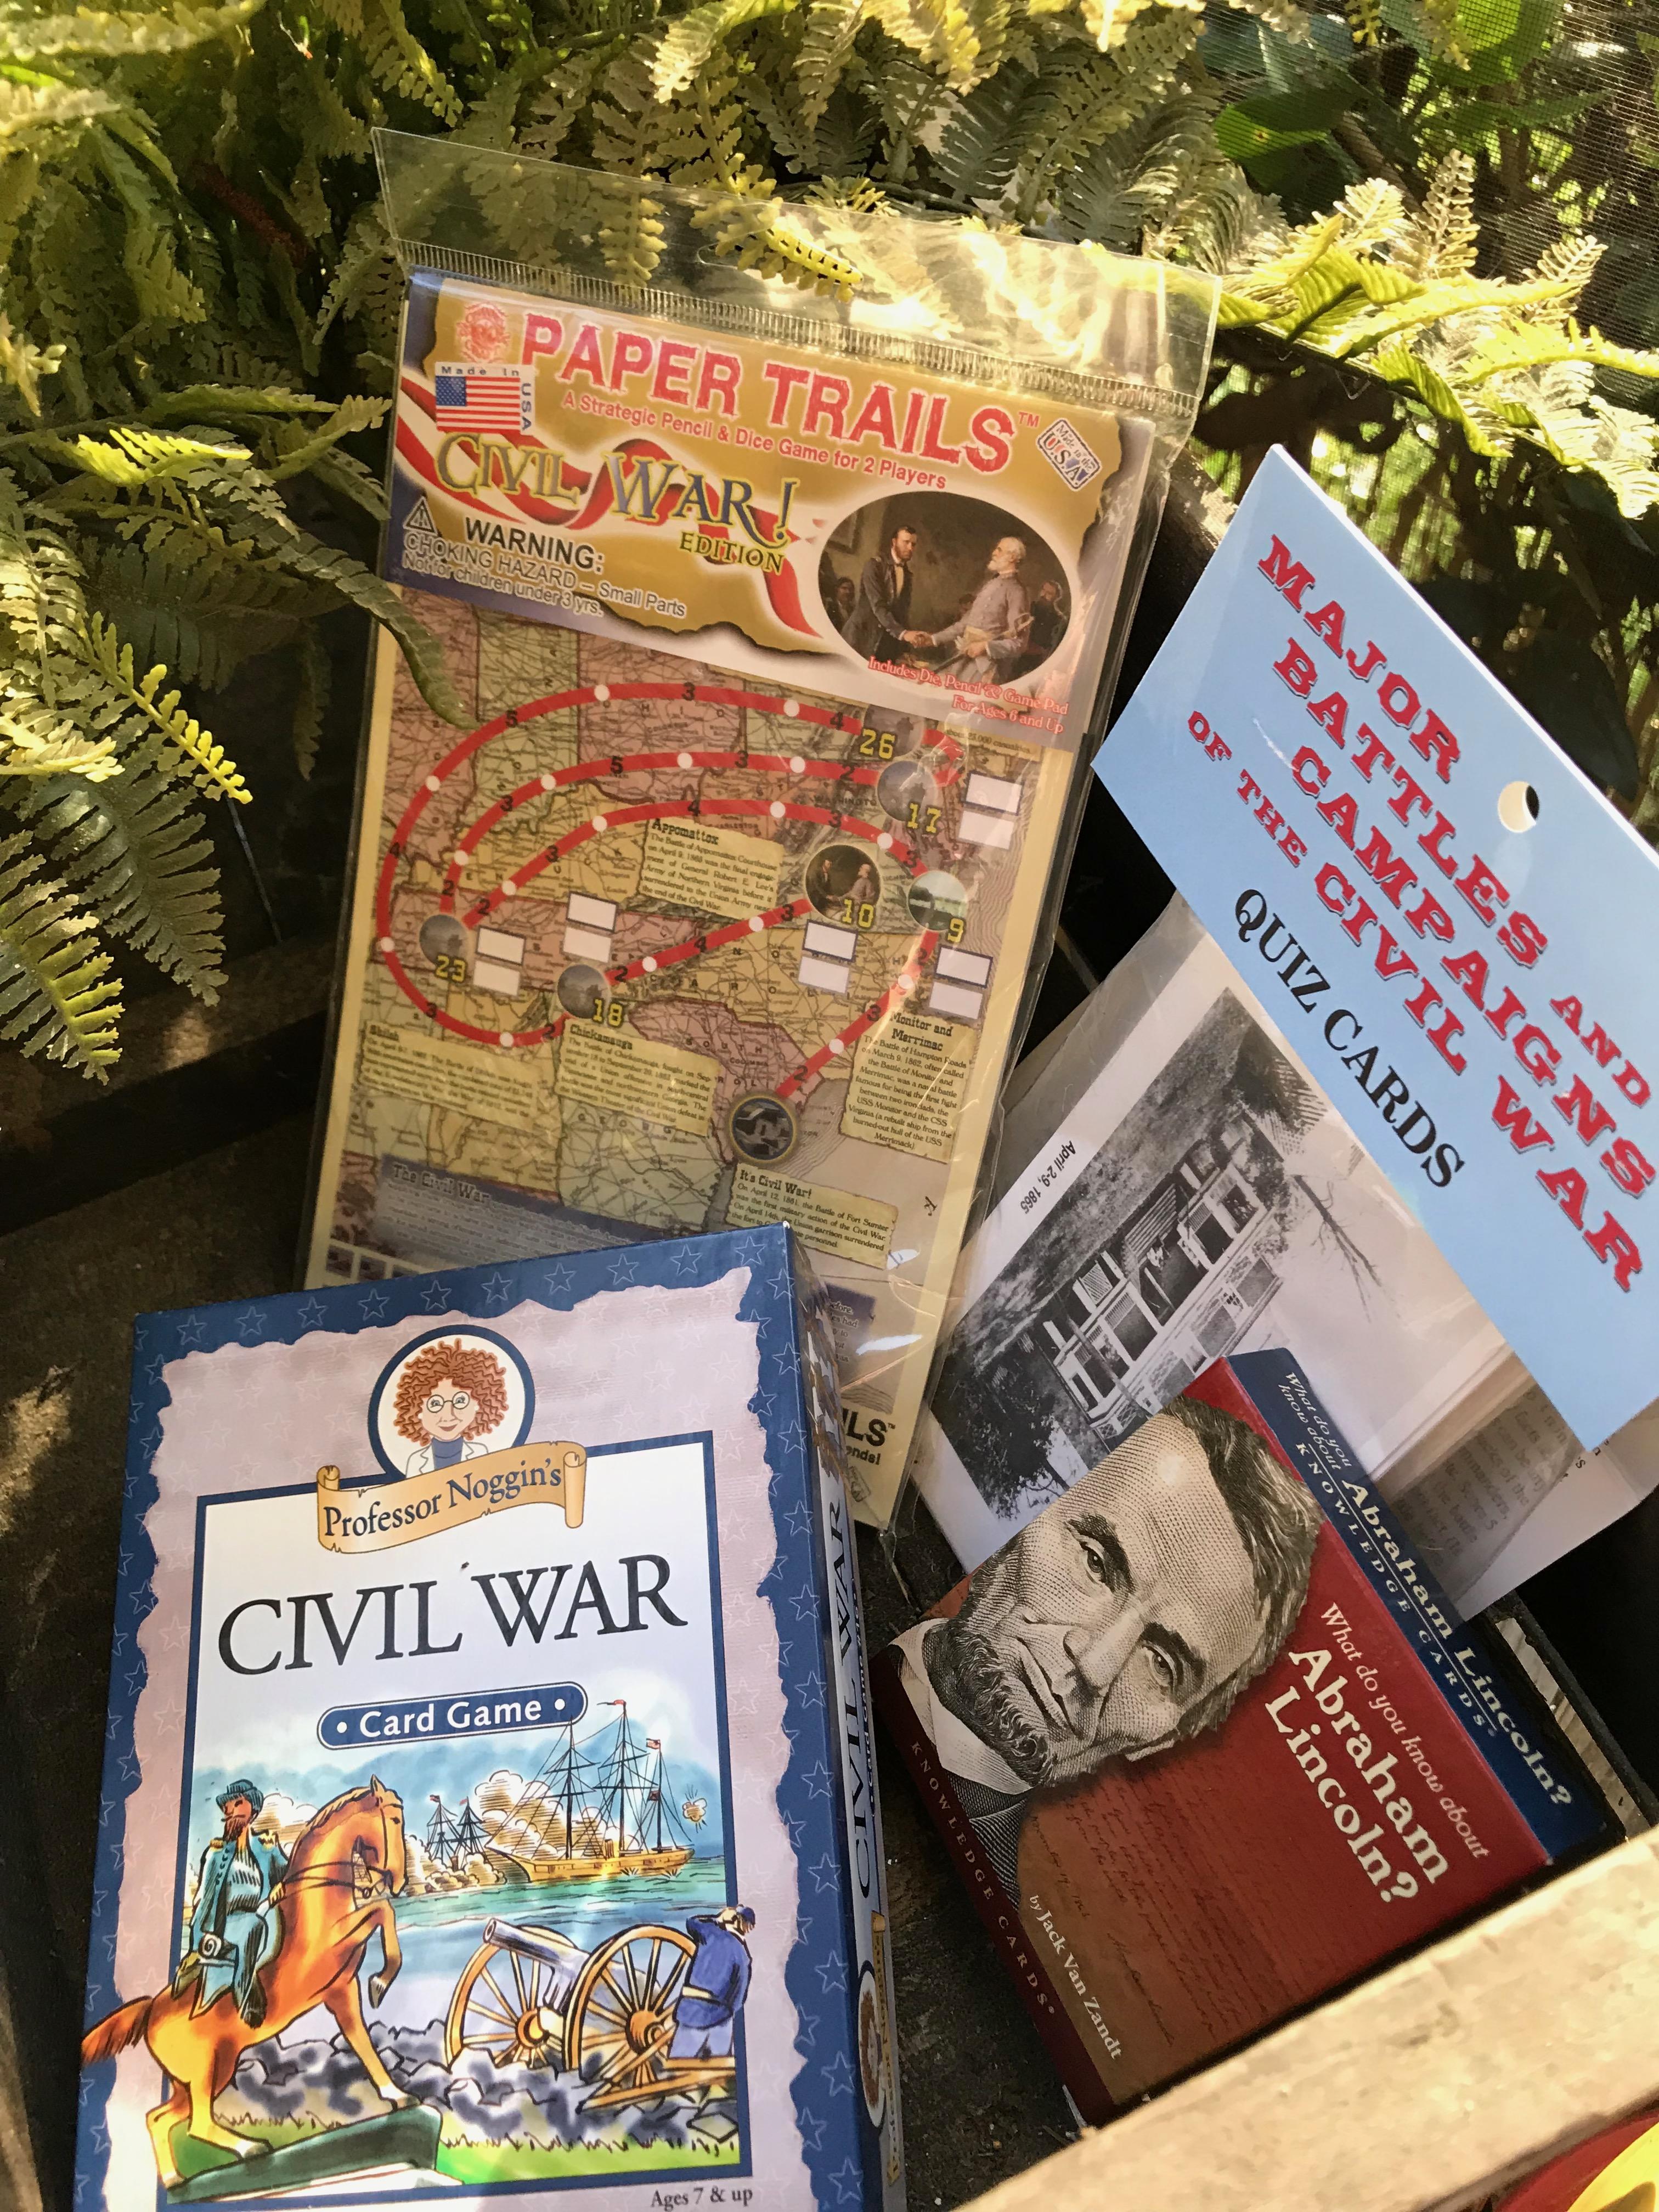 Games that teach the Civil War